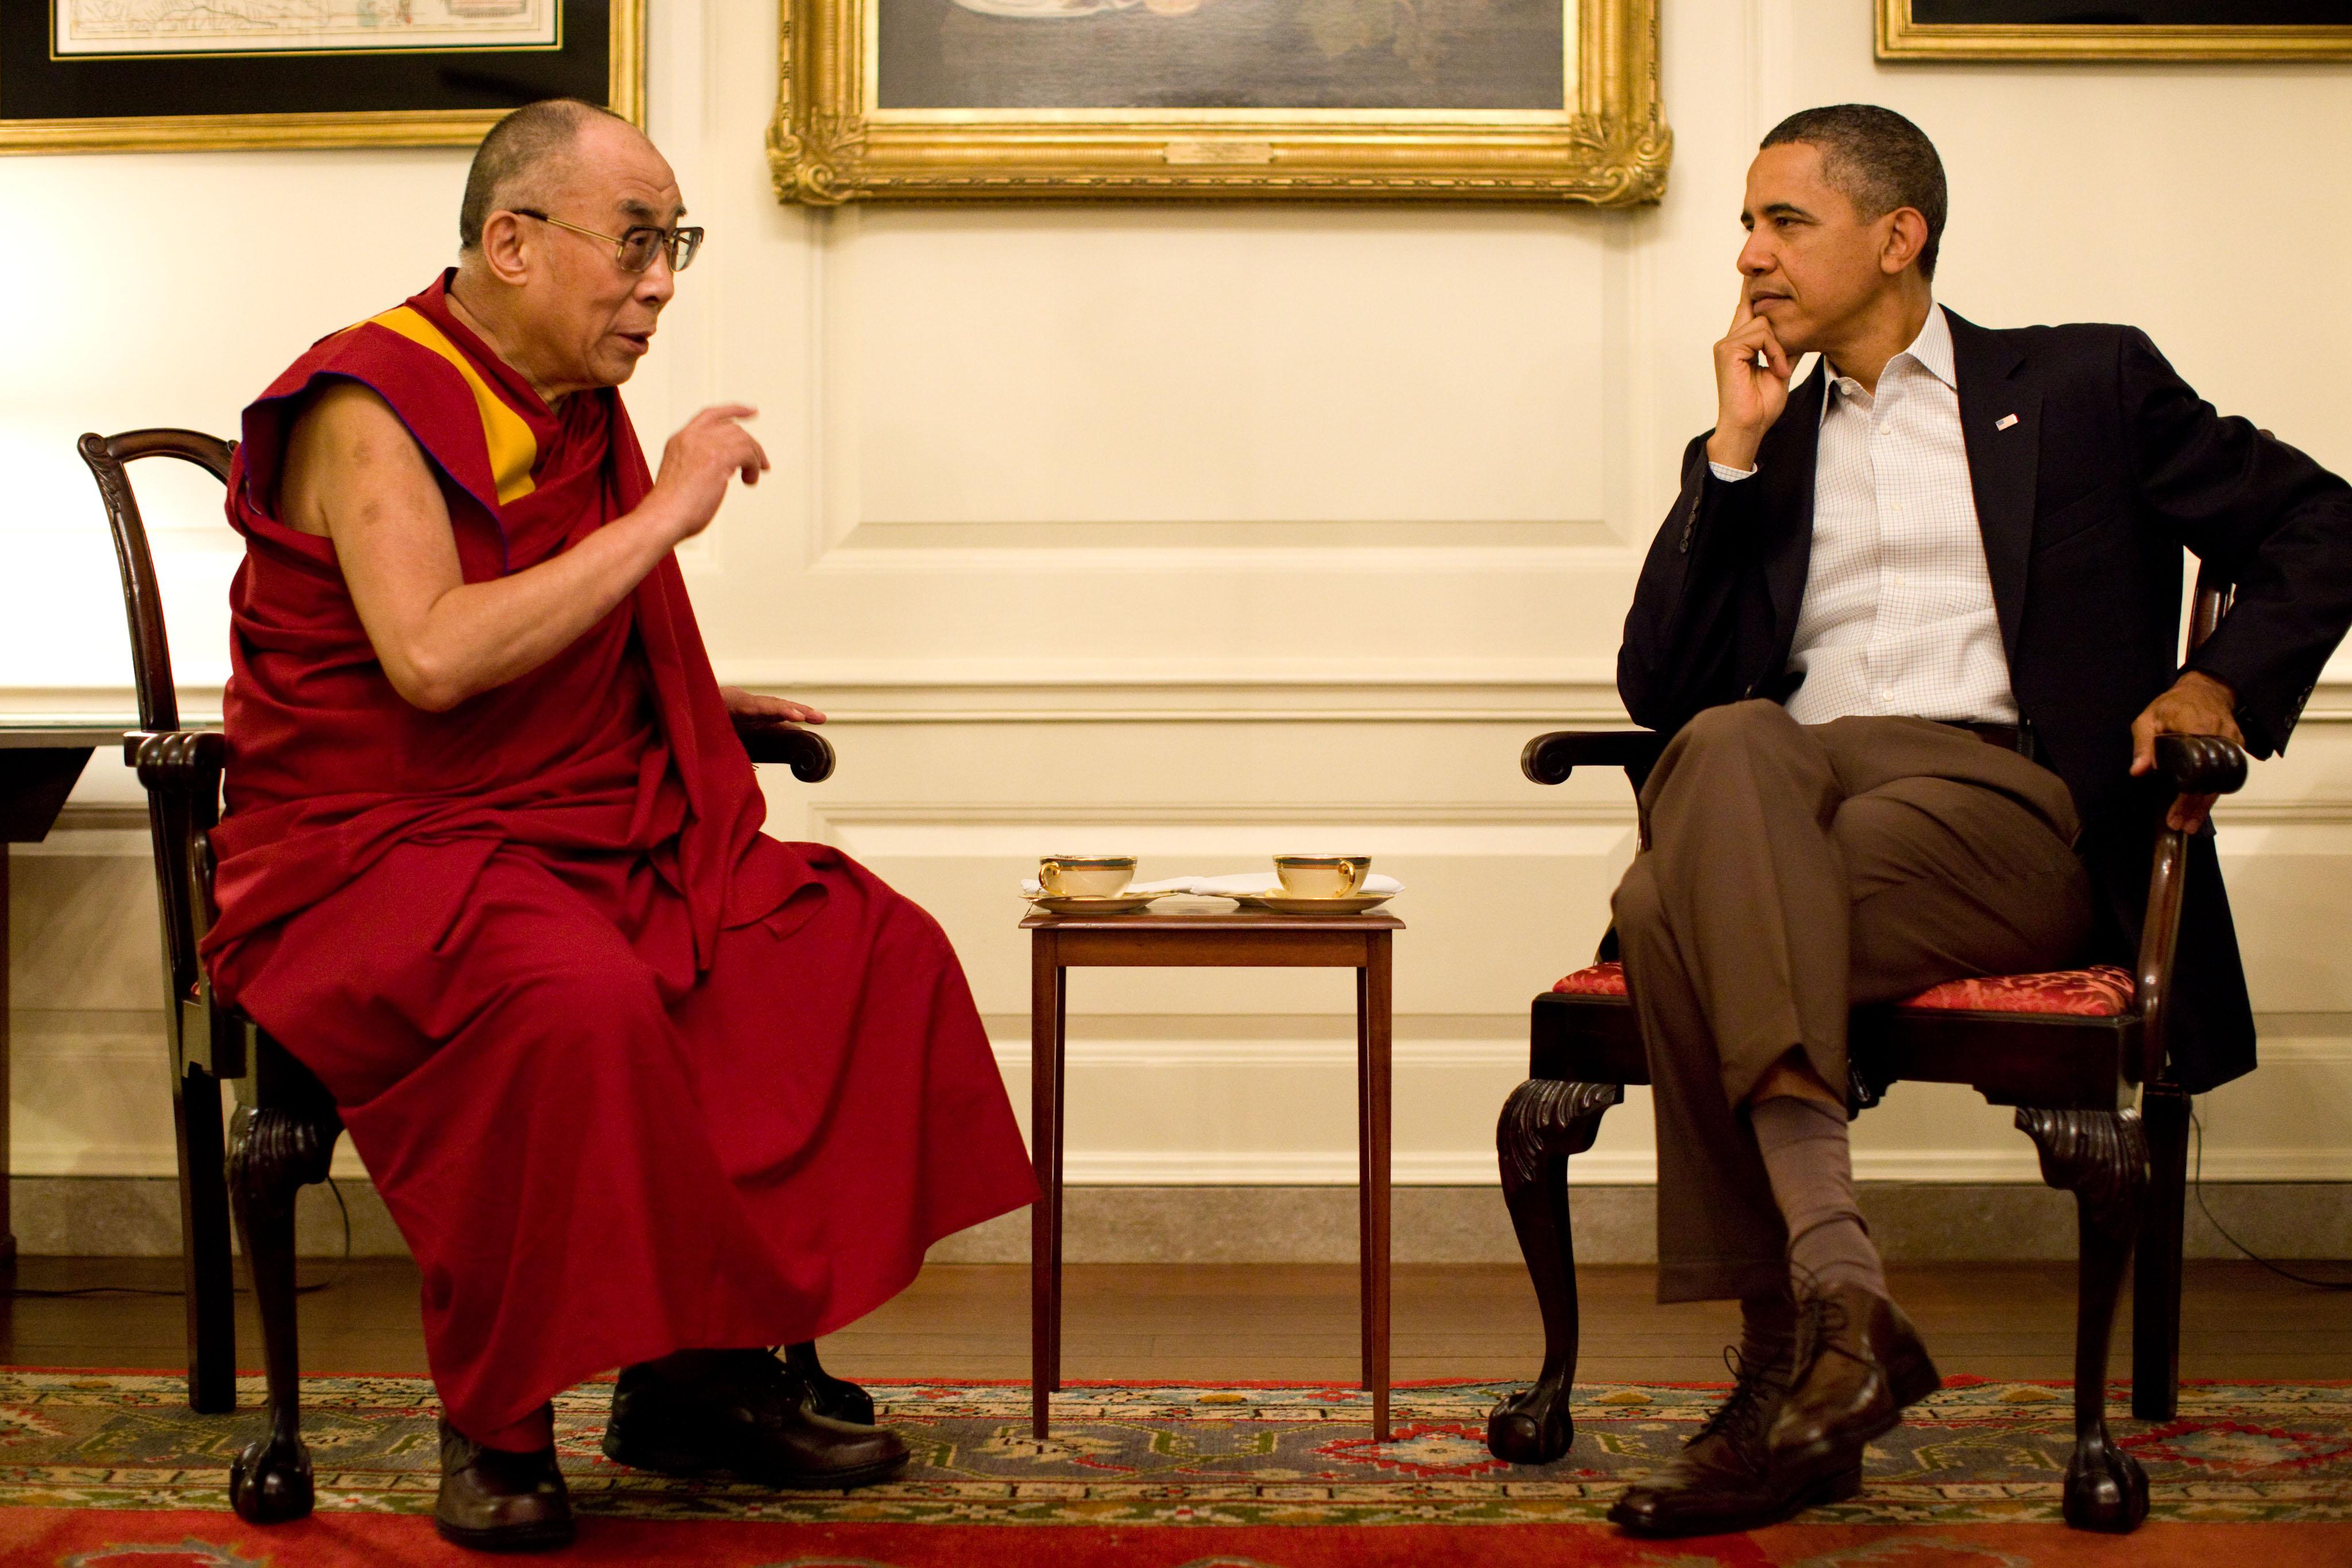 Der Dalai Lama mit US-Präsident Barack Obama im Weißen Haus. (Quelle: Wikimedia Commons, gemeinfrei)